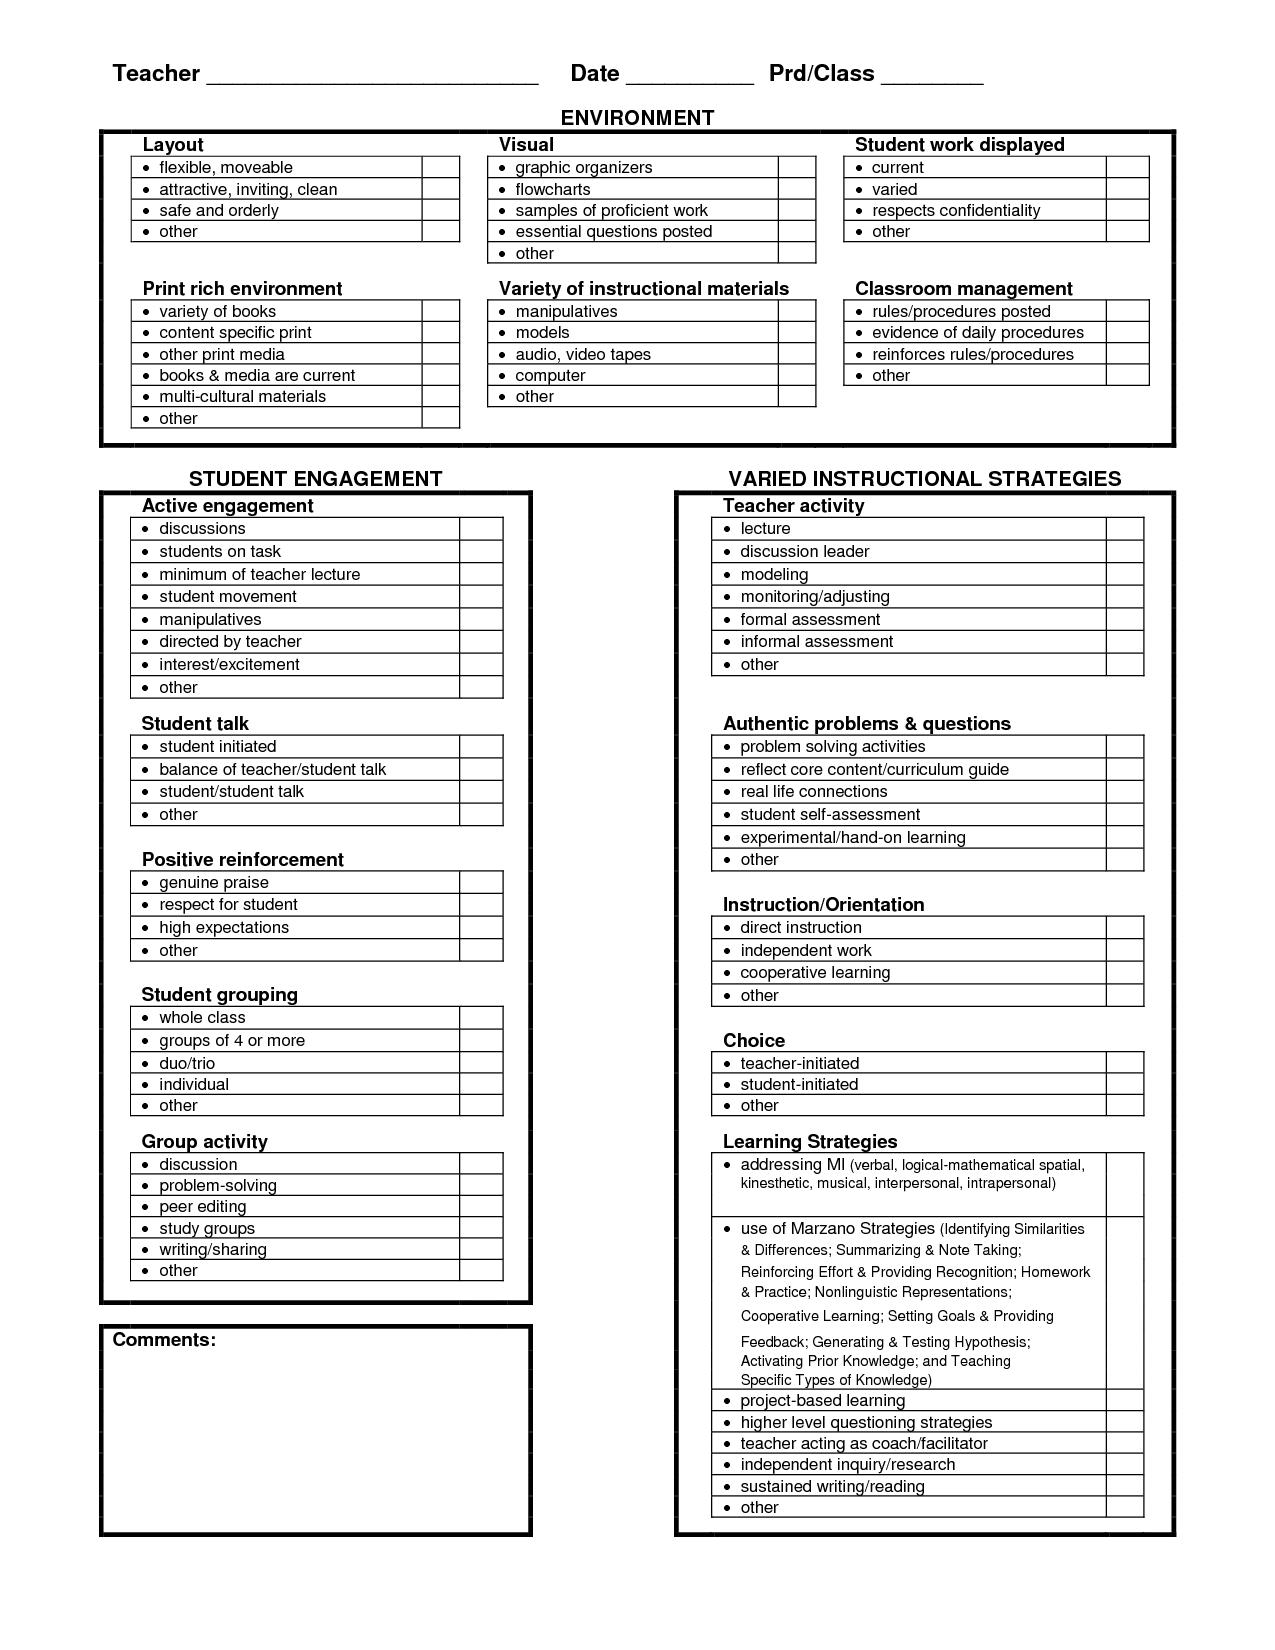 Behavior Observation Checklist Forms